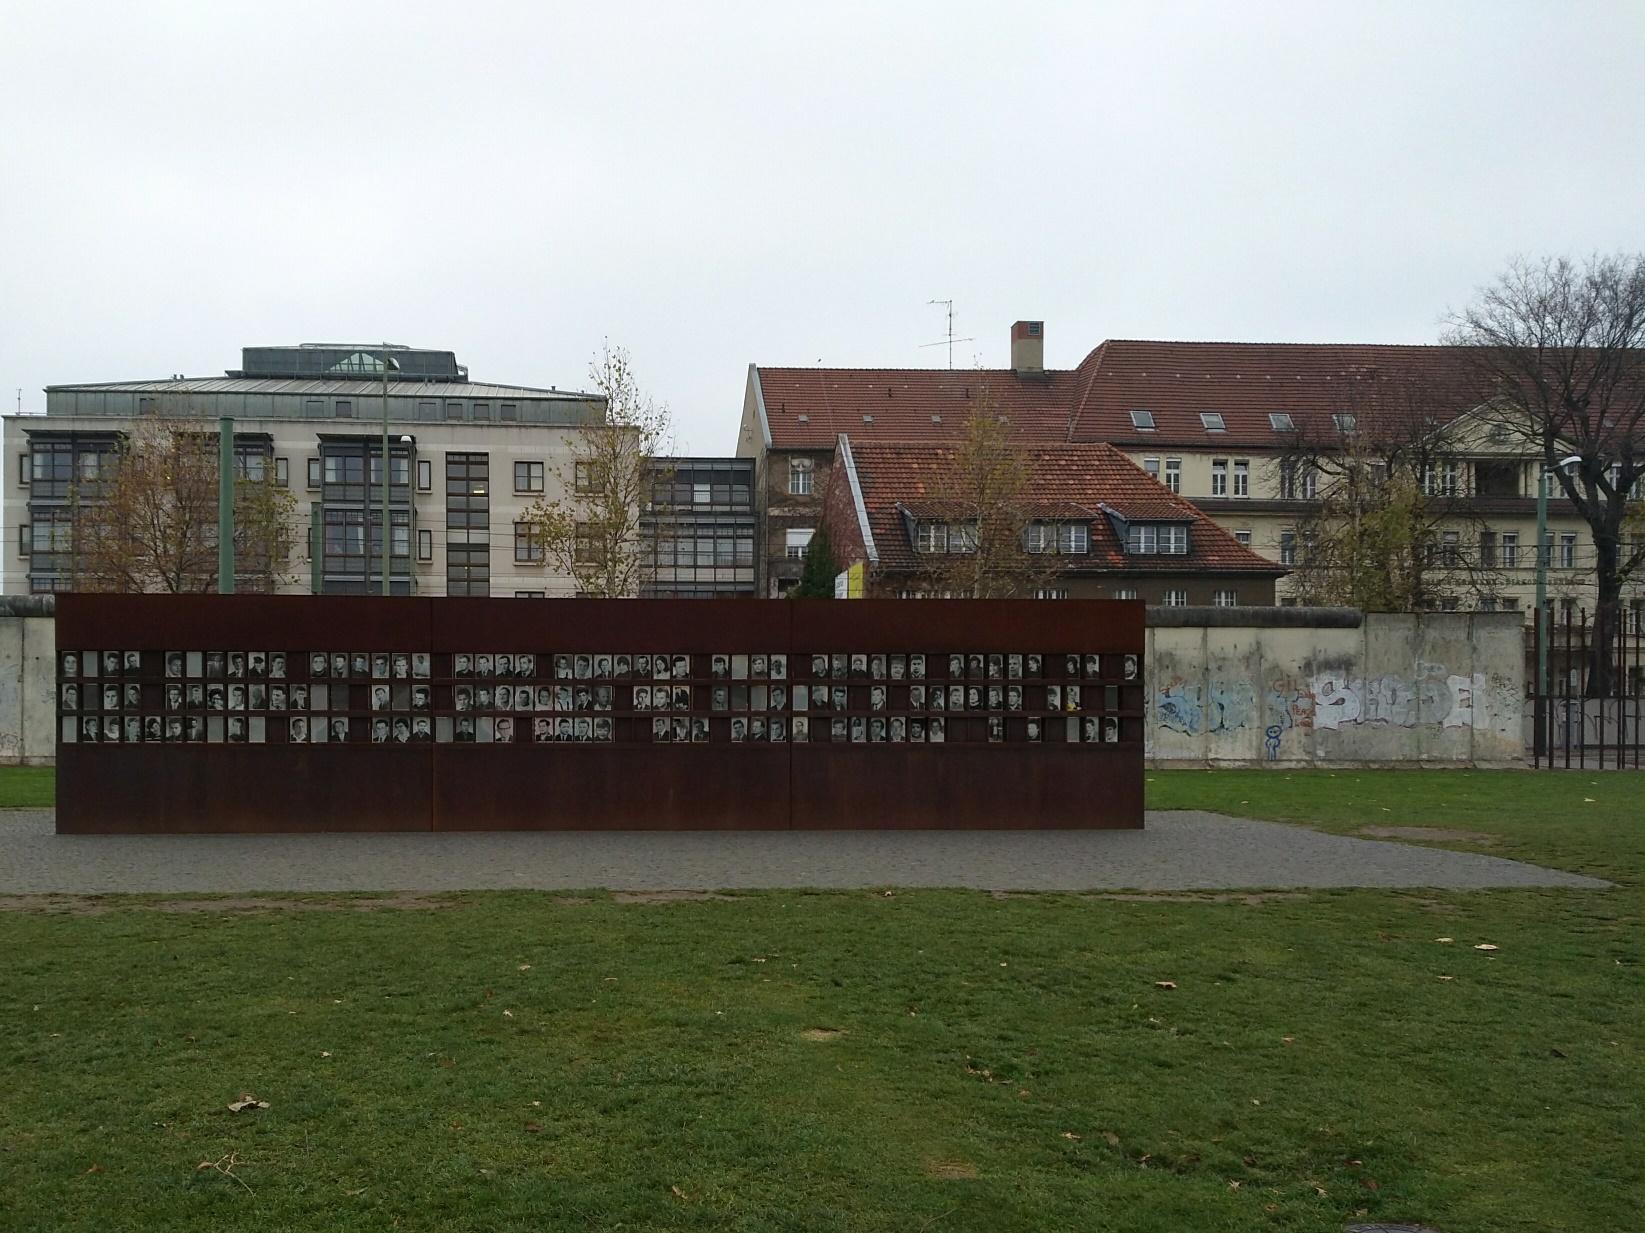 Il memoriale e alcuni resti del muro di Berlino. Foto di Paola Gemelli - caduta del muro di Berlino